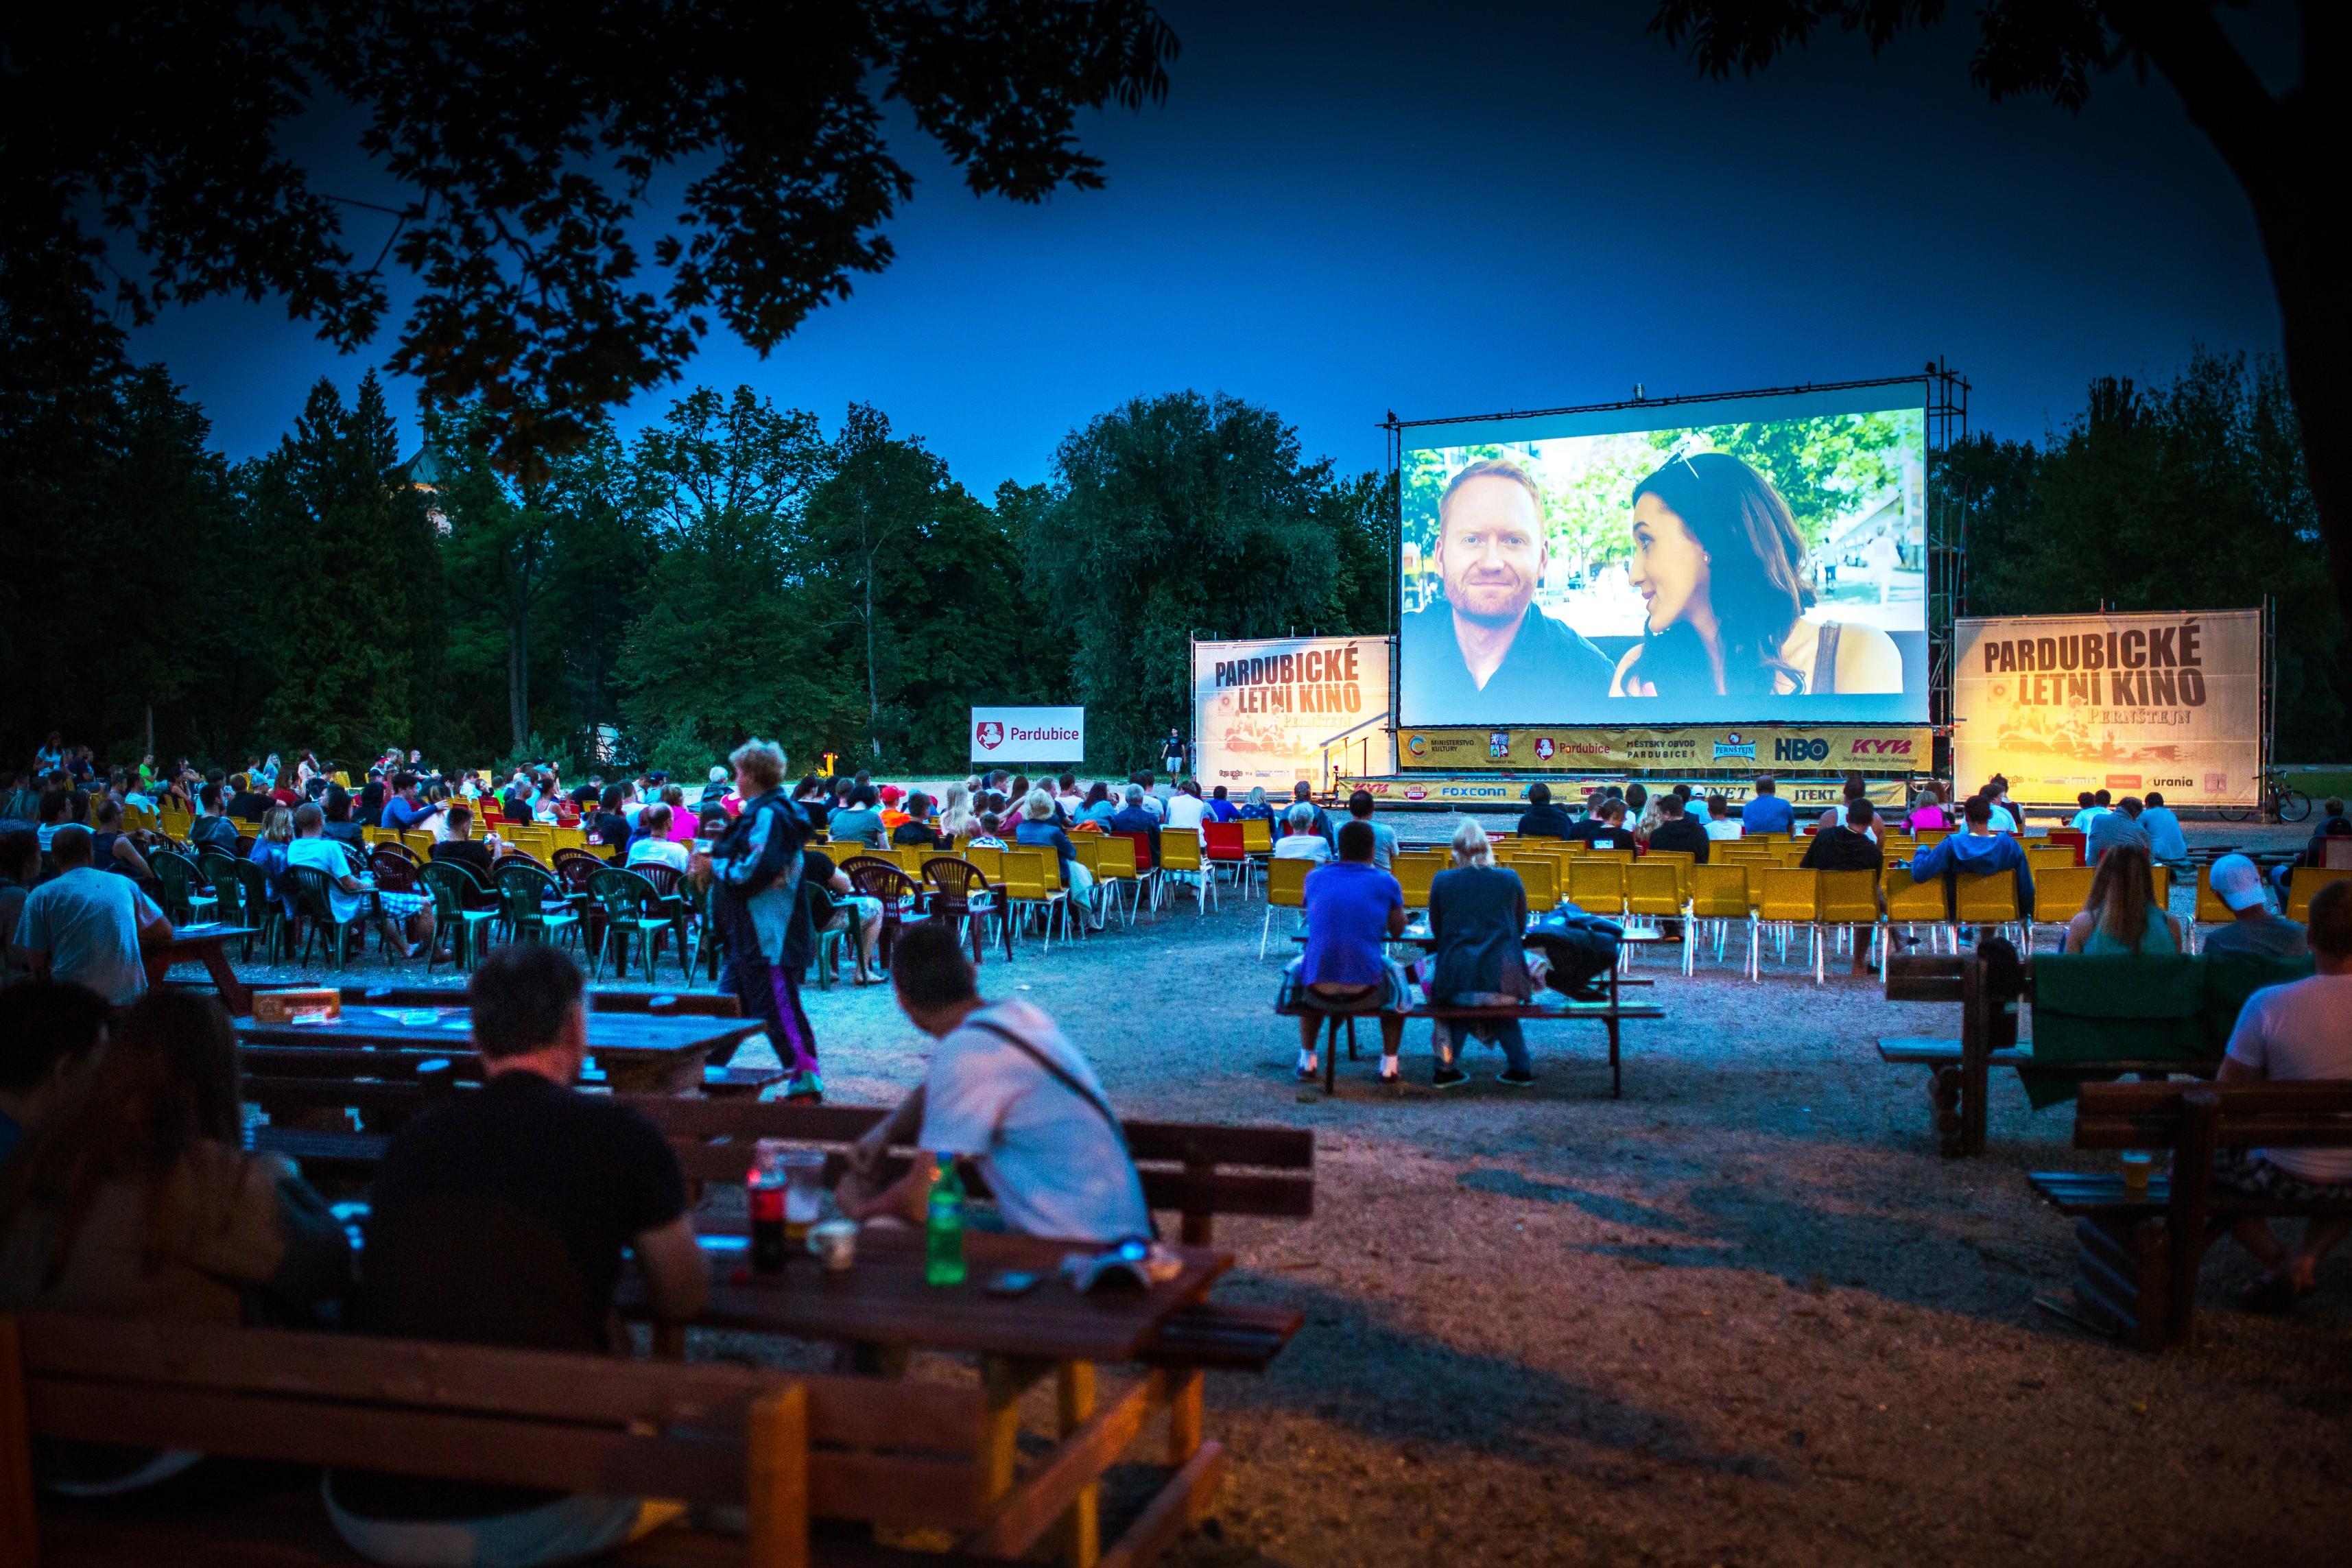 Když je hezky, do letního kina každý večer přijde přibližně tisíc lidí